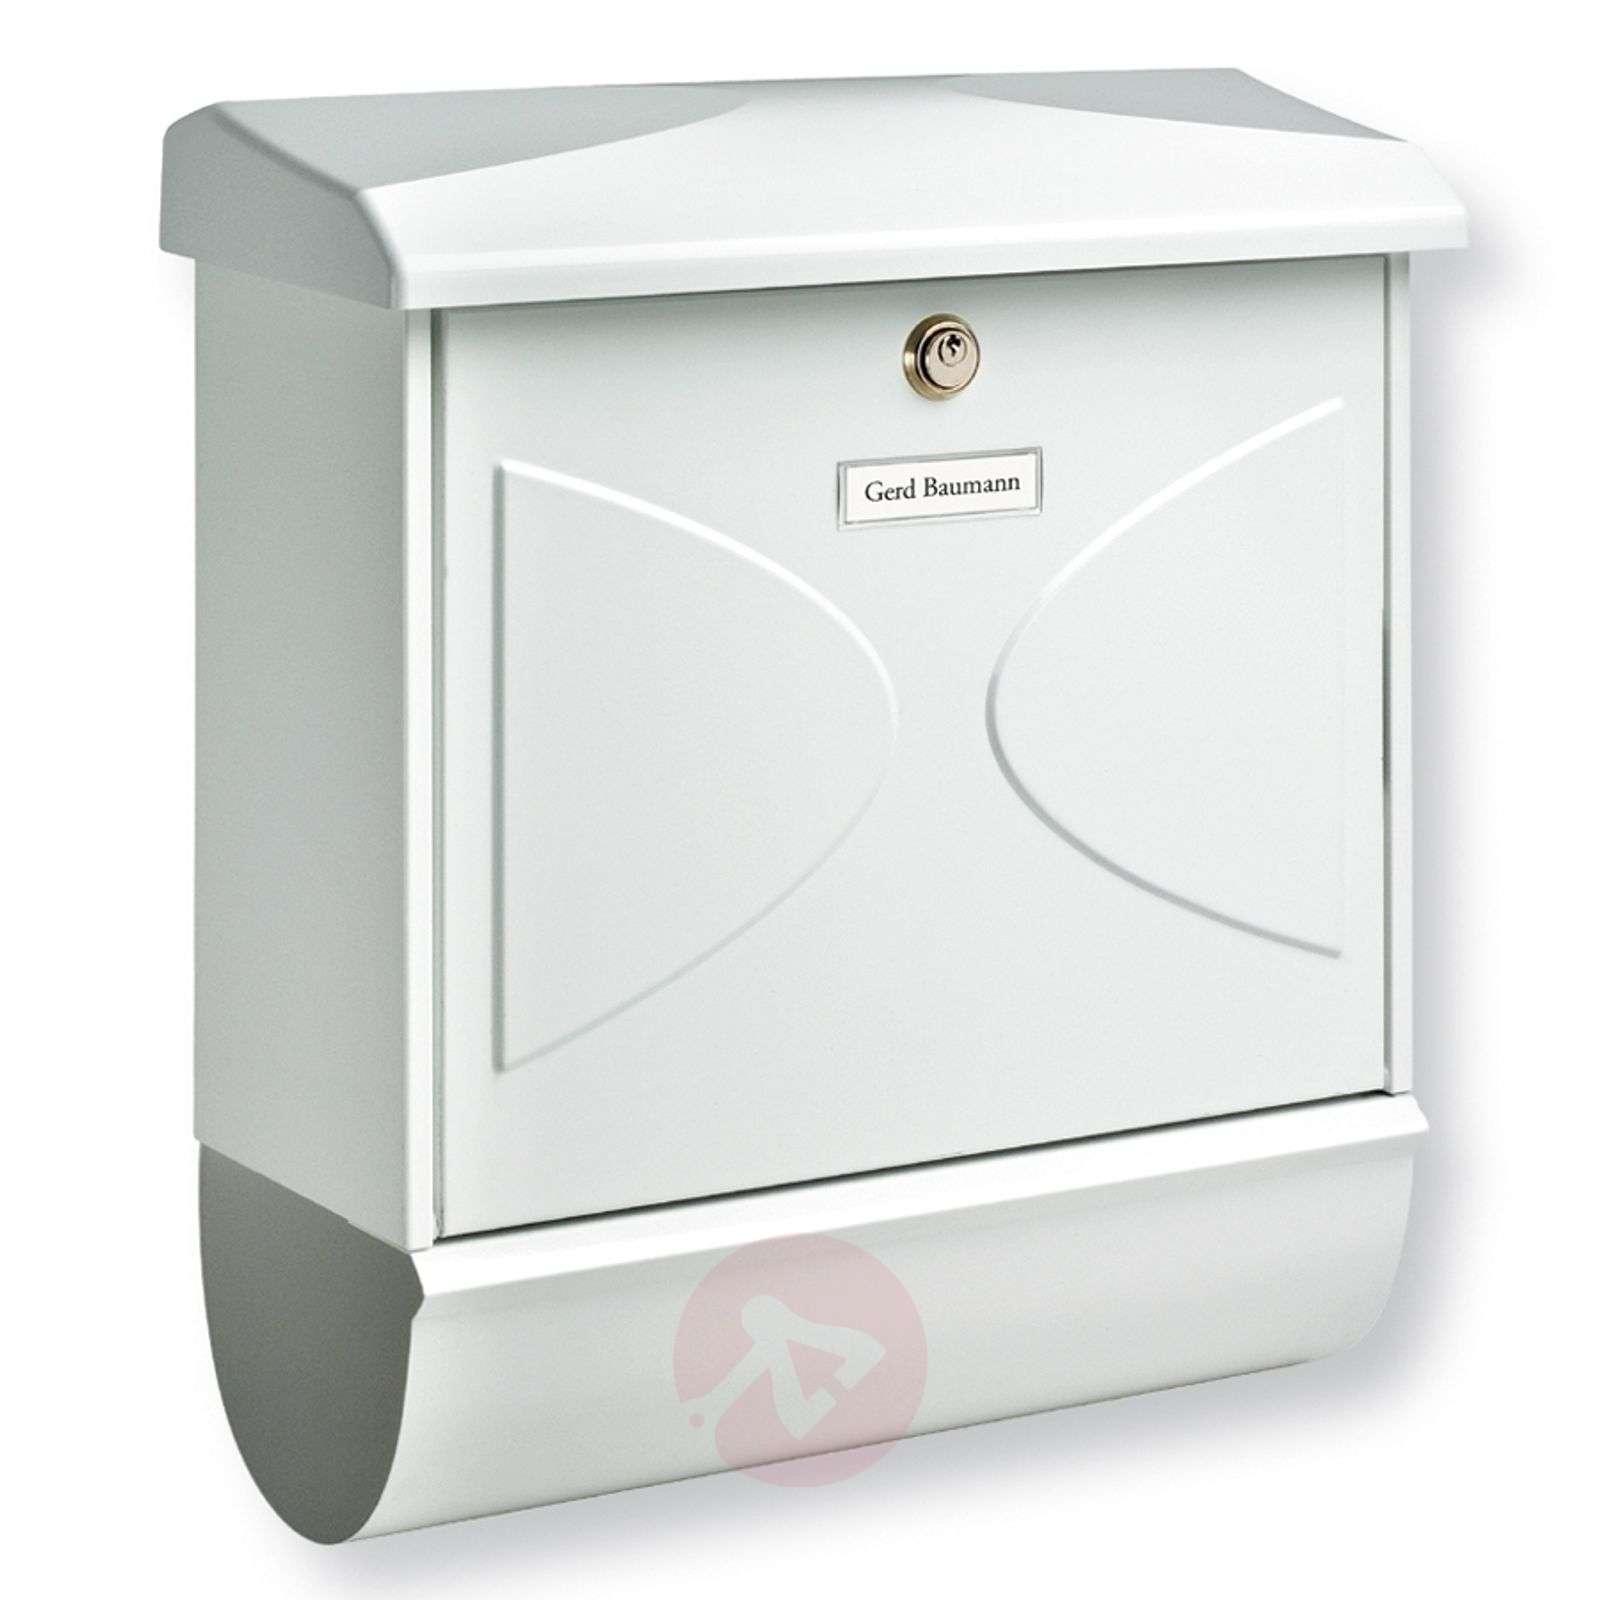 Futura-postilaatikko lehtirullalla, valkoinen-1532079-01